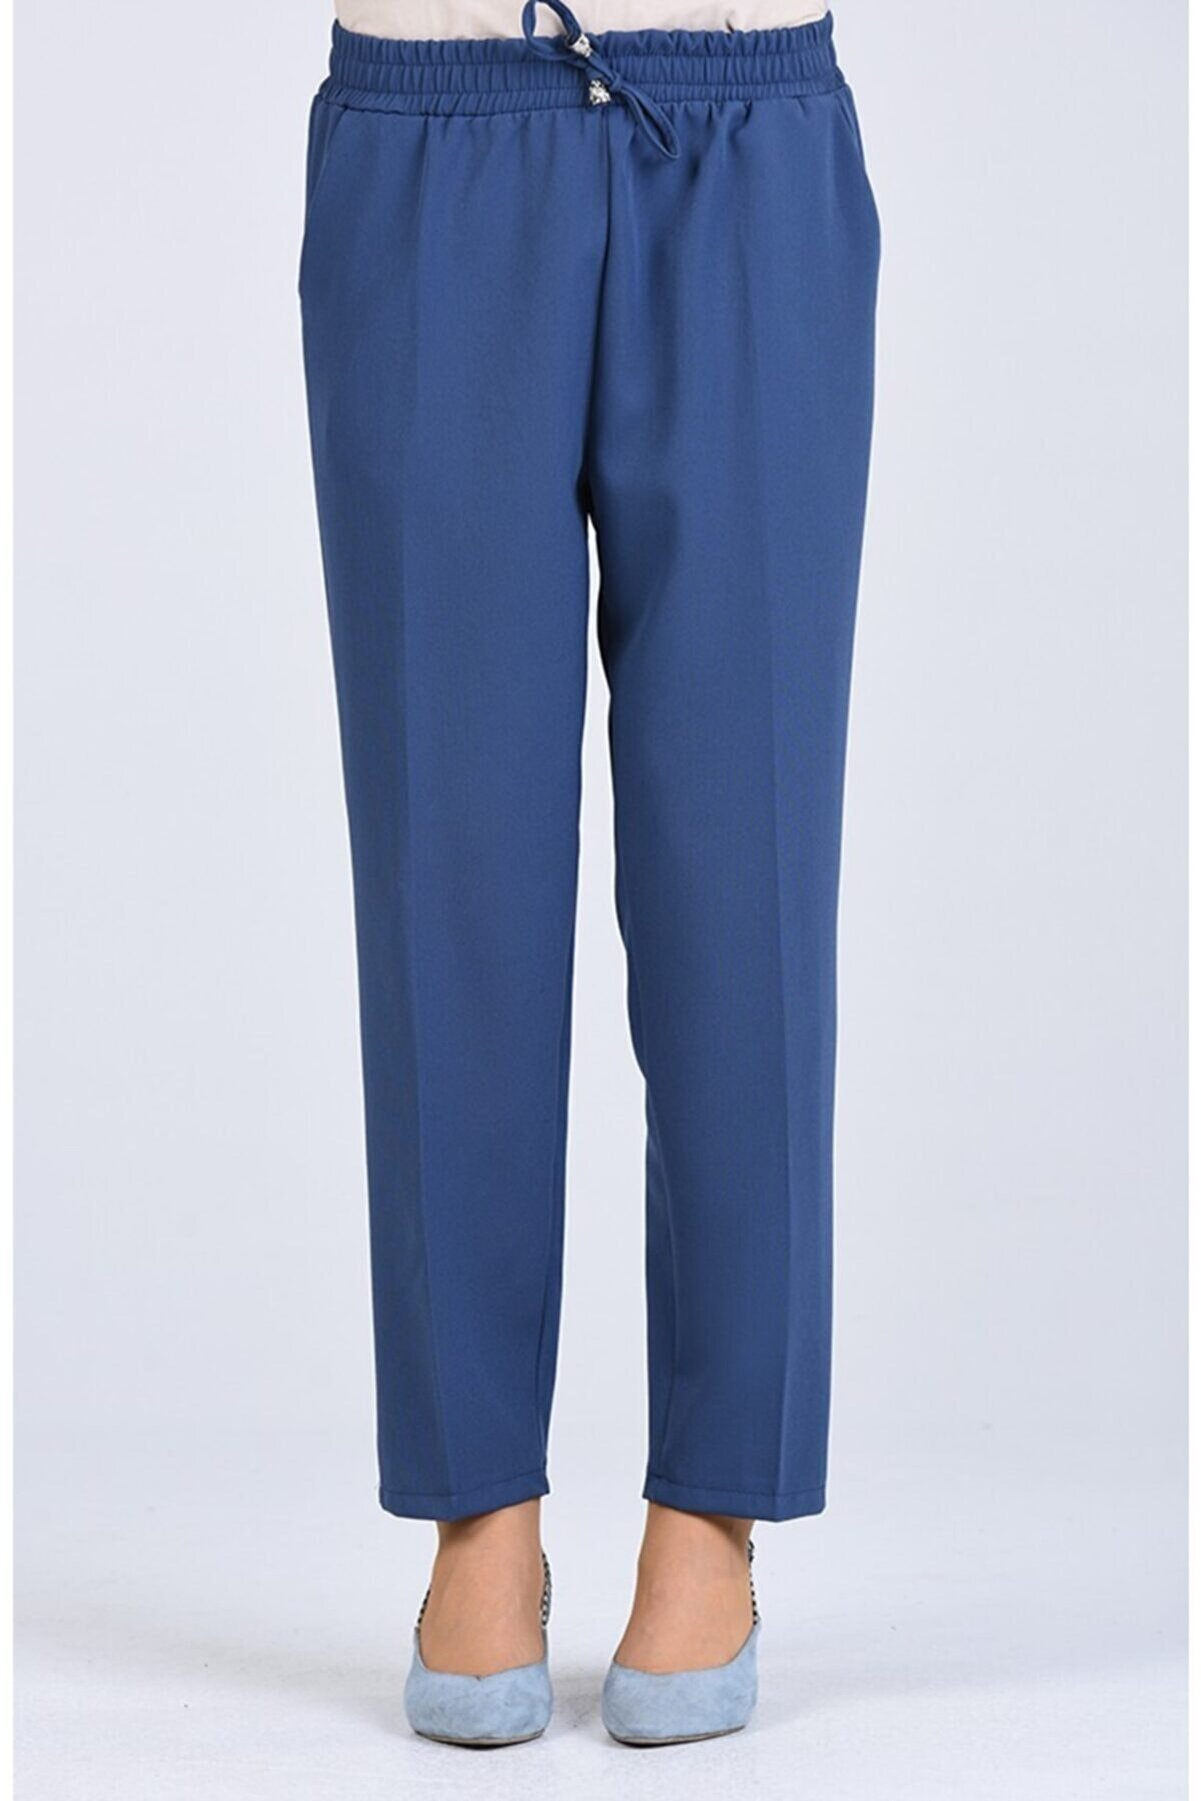 Essah Moda Kadın Mavi Lastikli Havuç Pantolon - Me000275